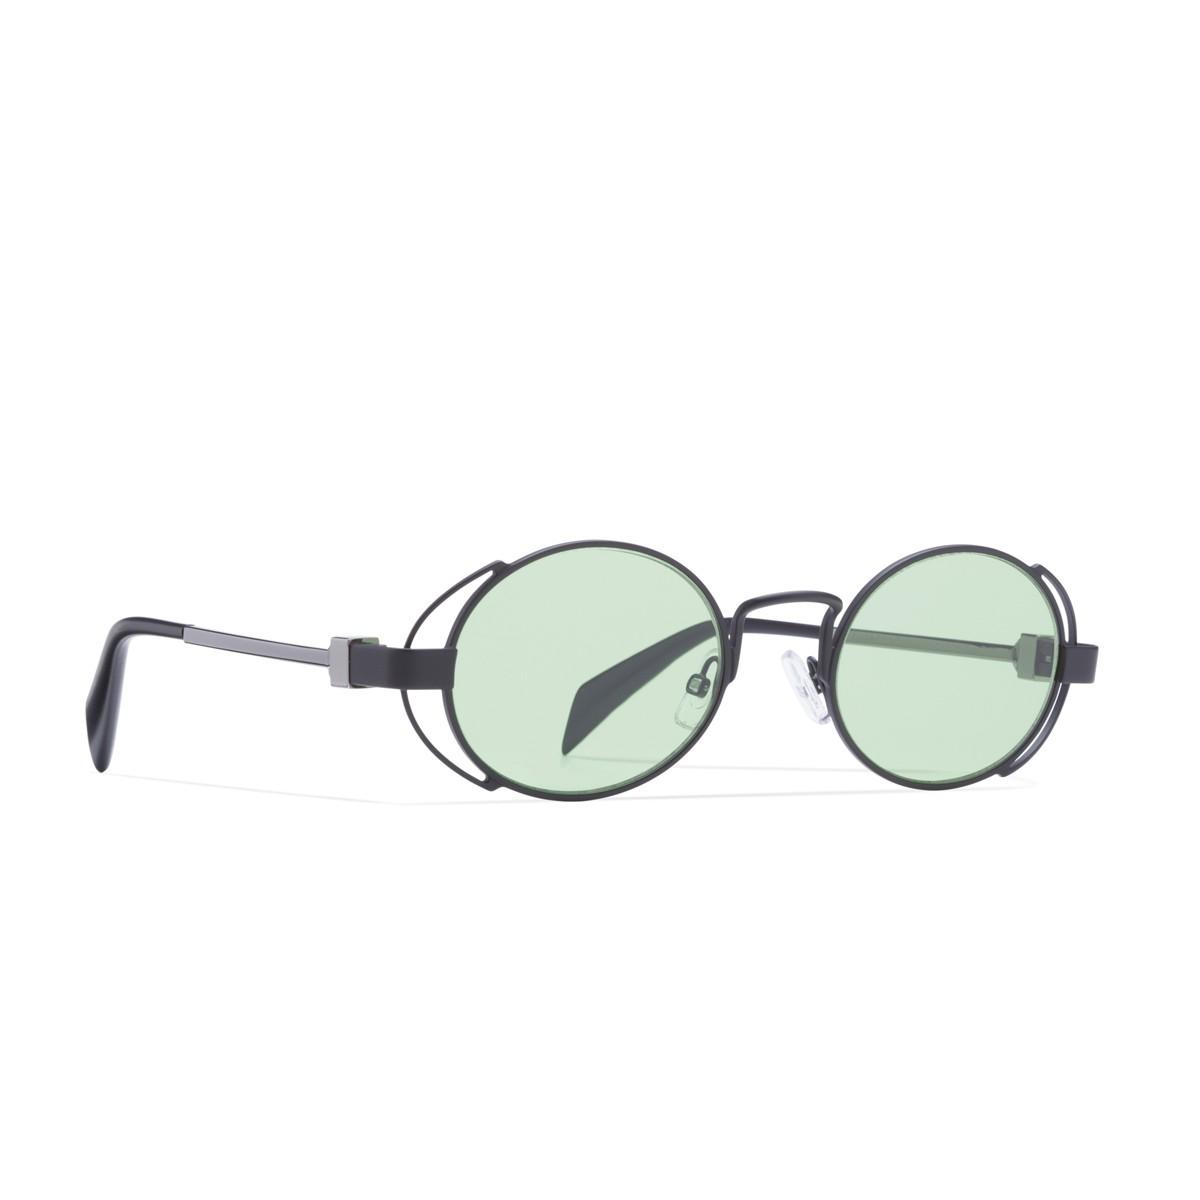 Siens Eye code 041 | Occhiali da sole Unisex